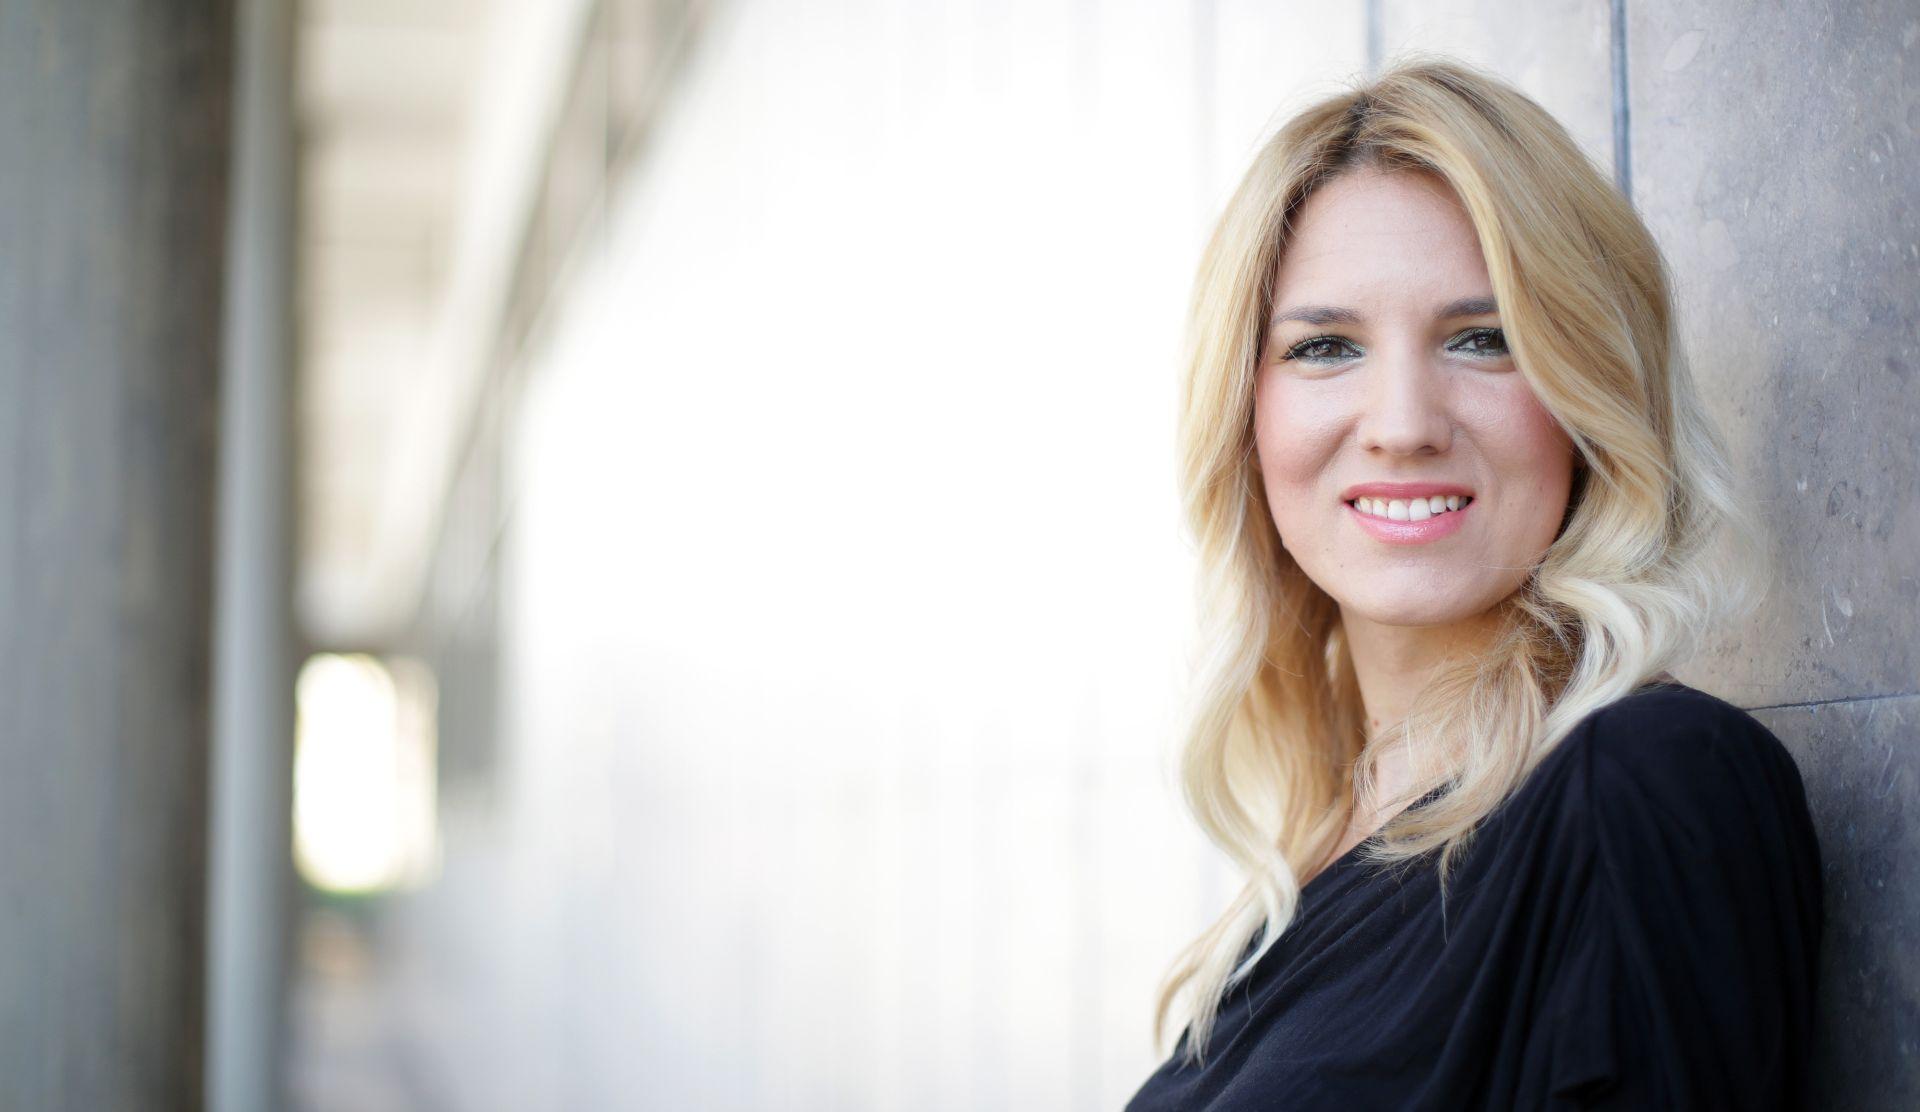 Hrvatski film o srušenim spomenicima NOB-a osvojio prvu nagradu u Švedskoj